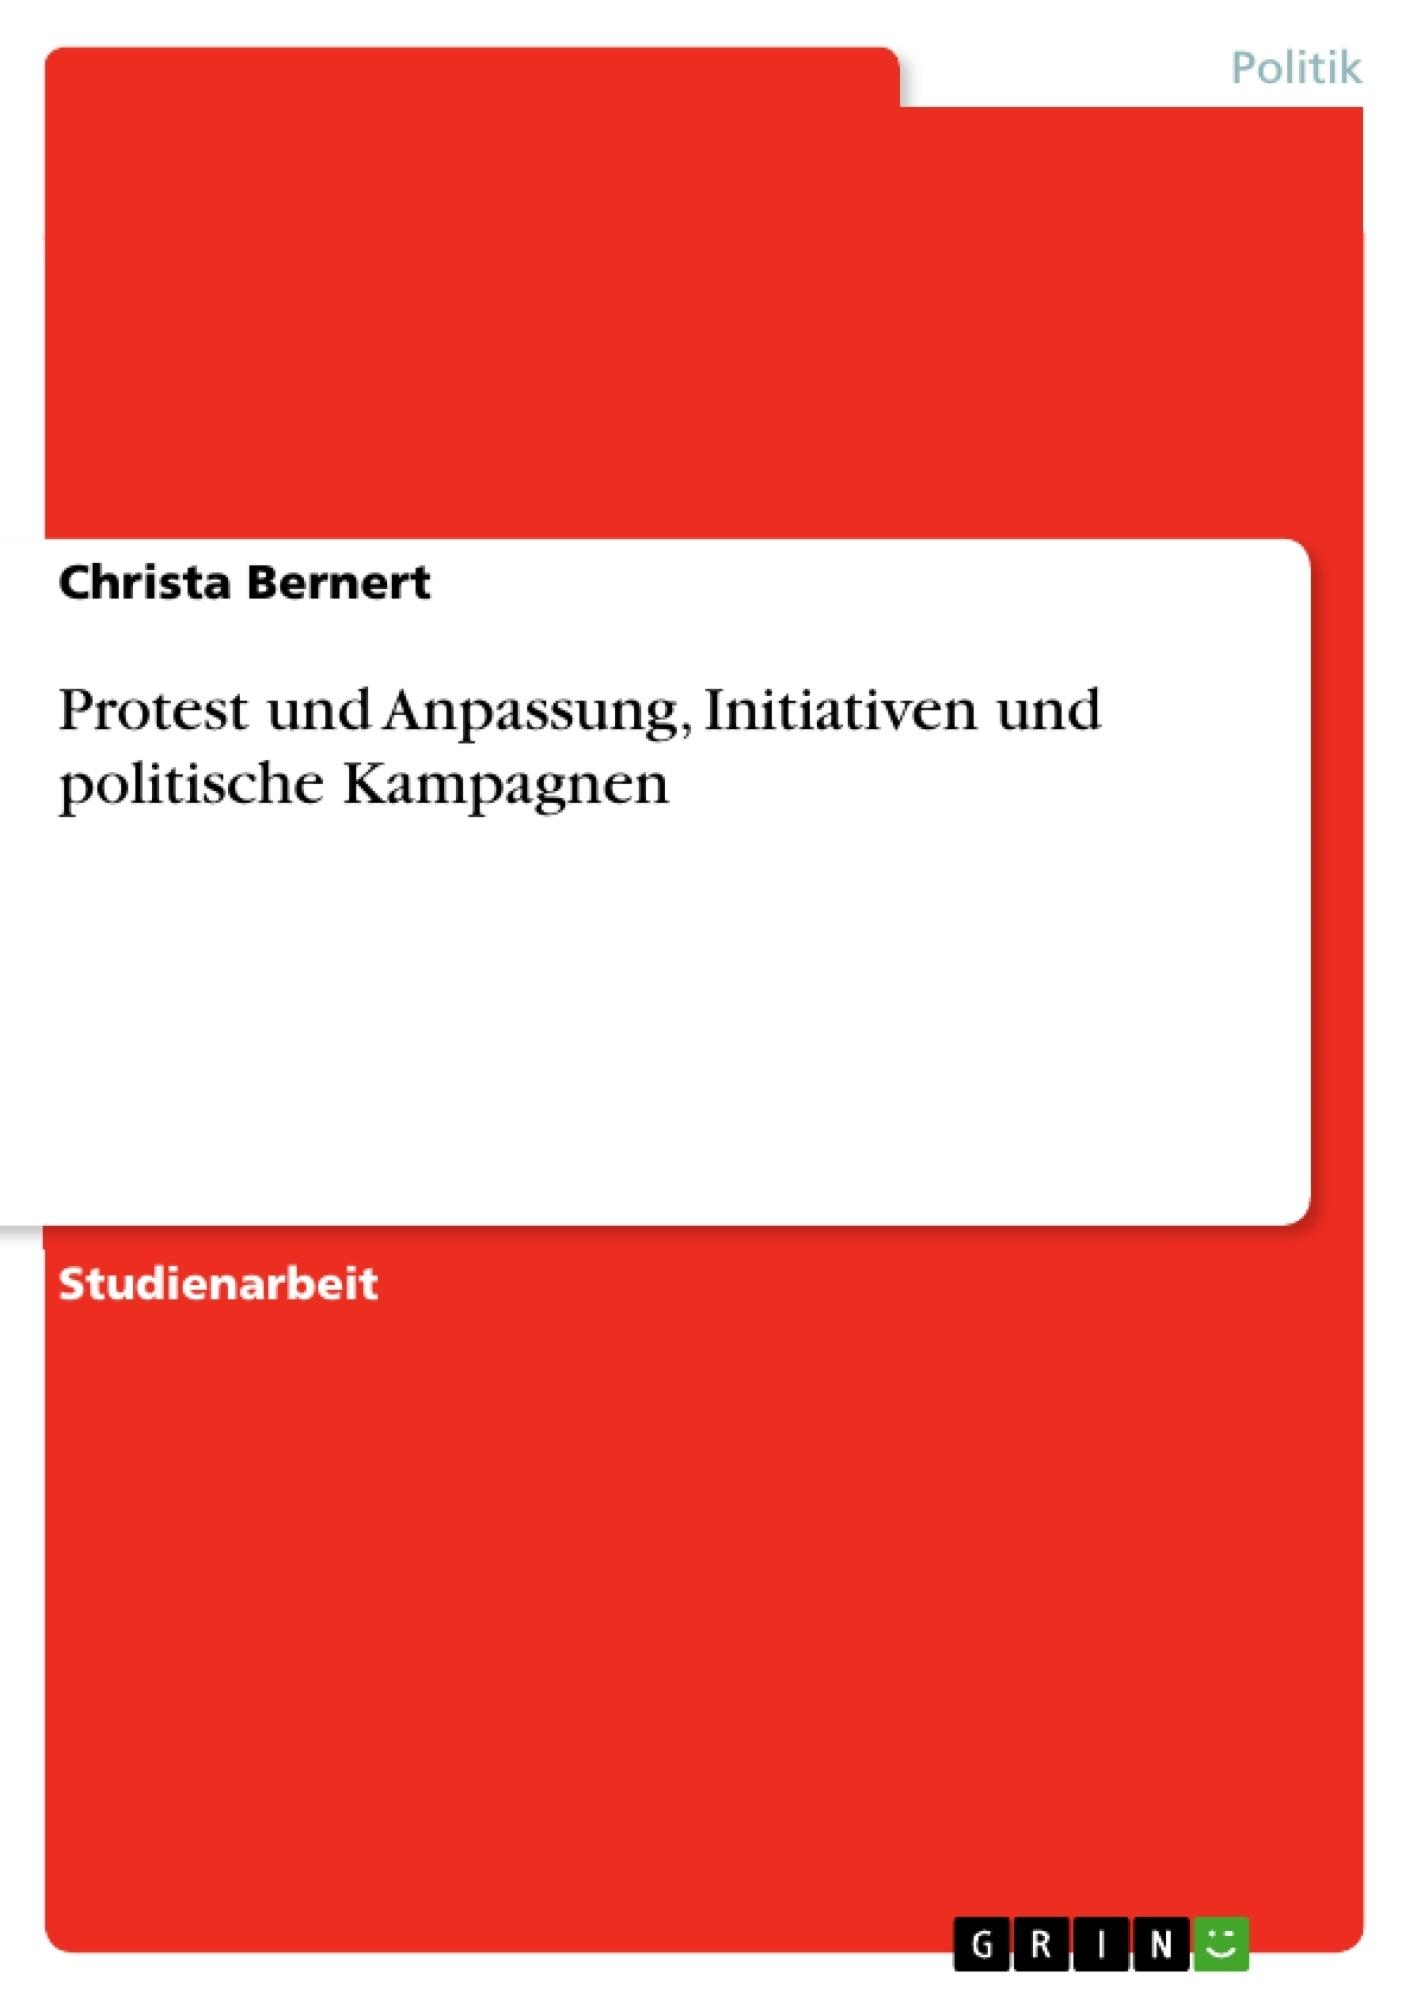 Titel: Protest und Anpassung, Initiativen und politische Kampagnen